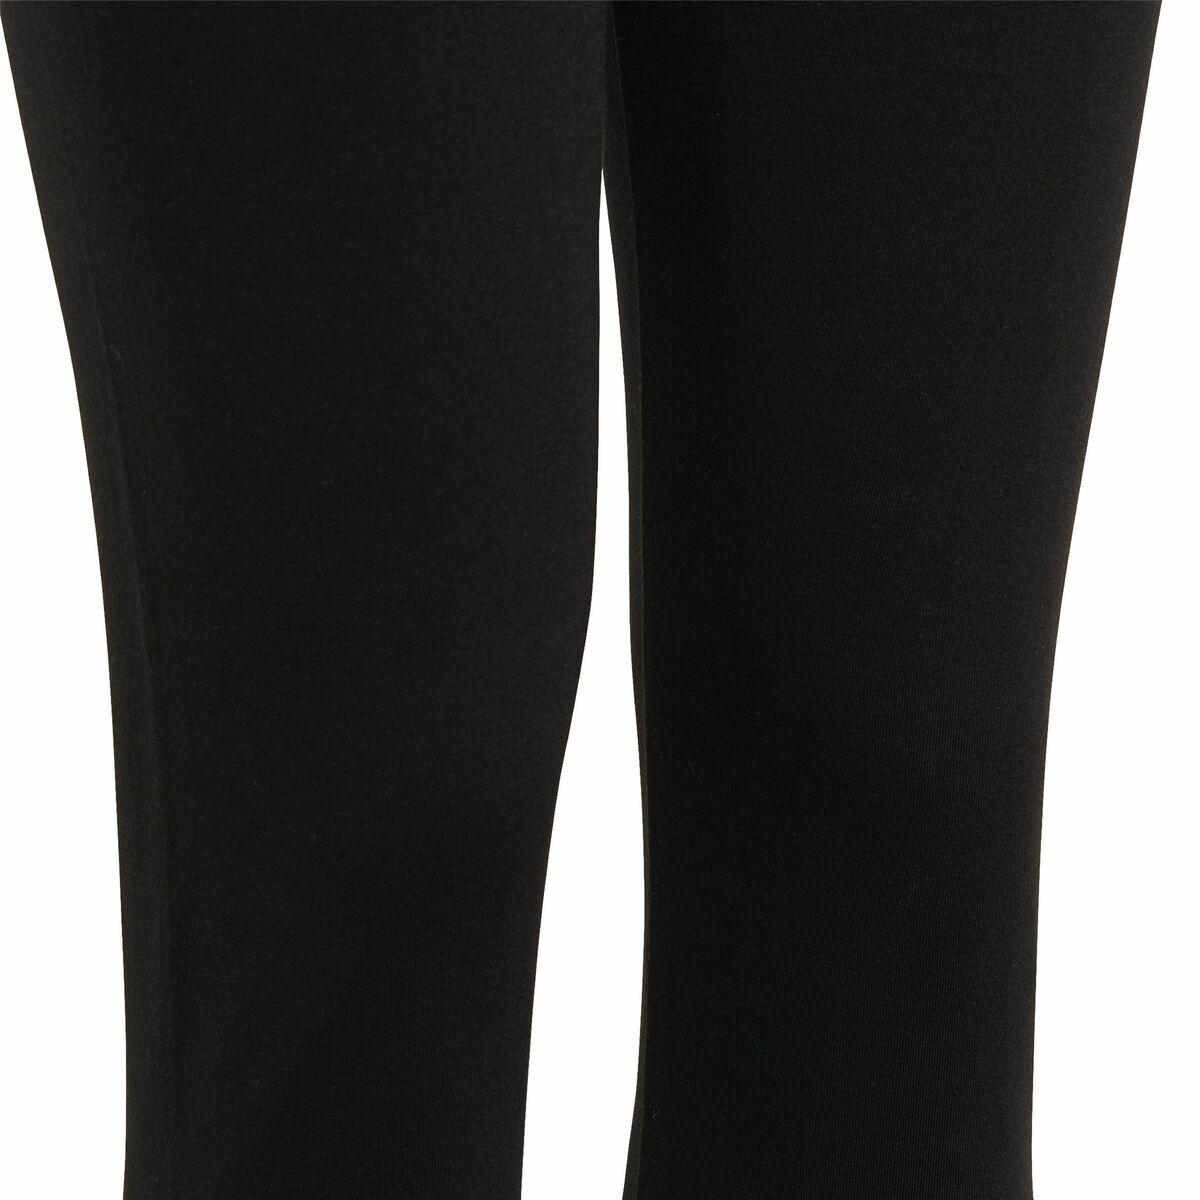 Bild 3 von adidas Mädchen Tights lang Essentials Linear